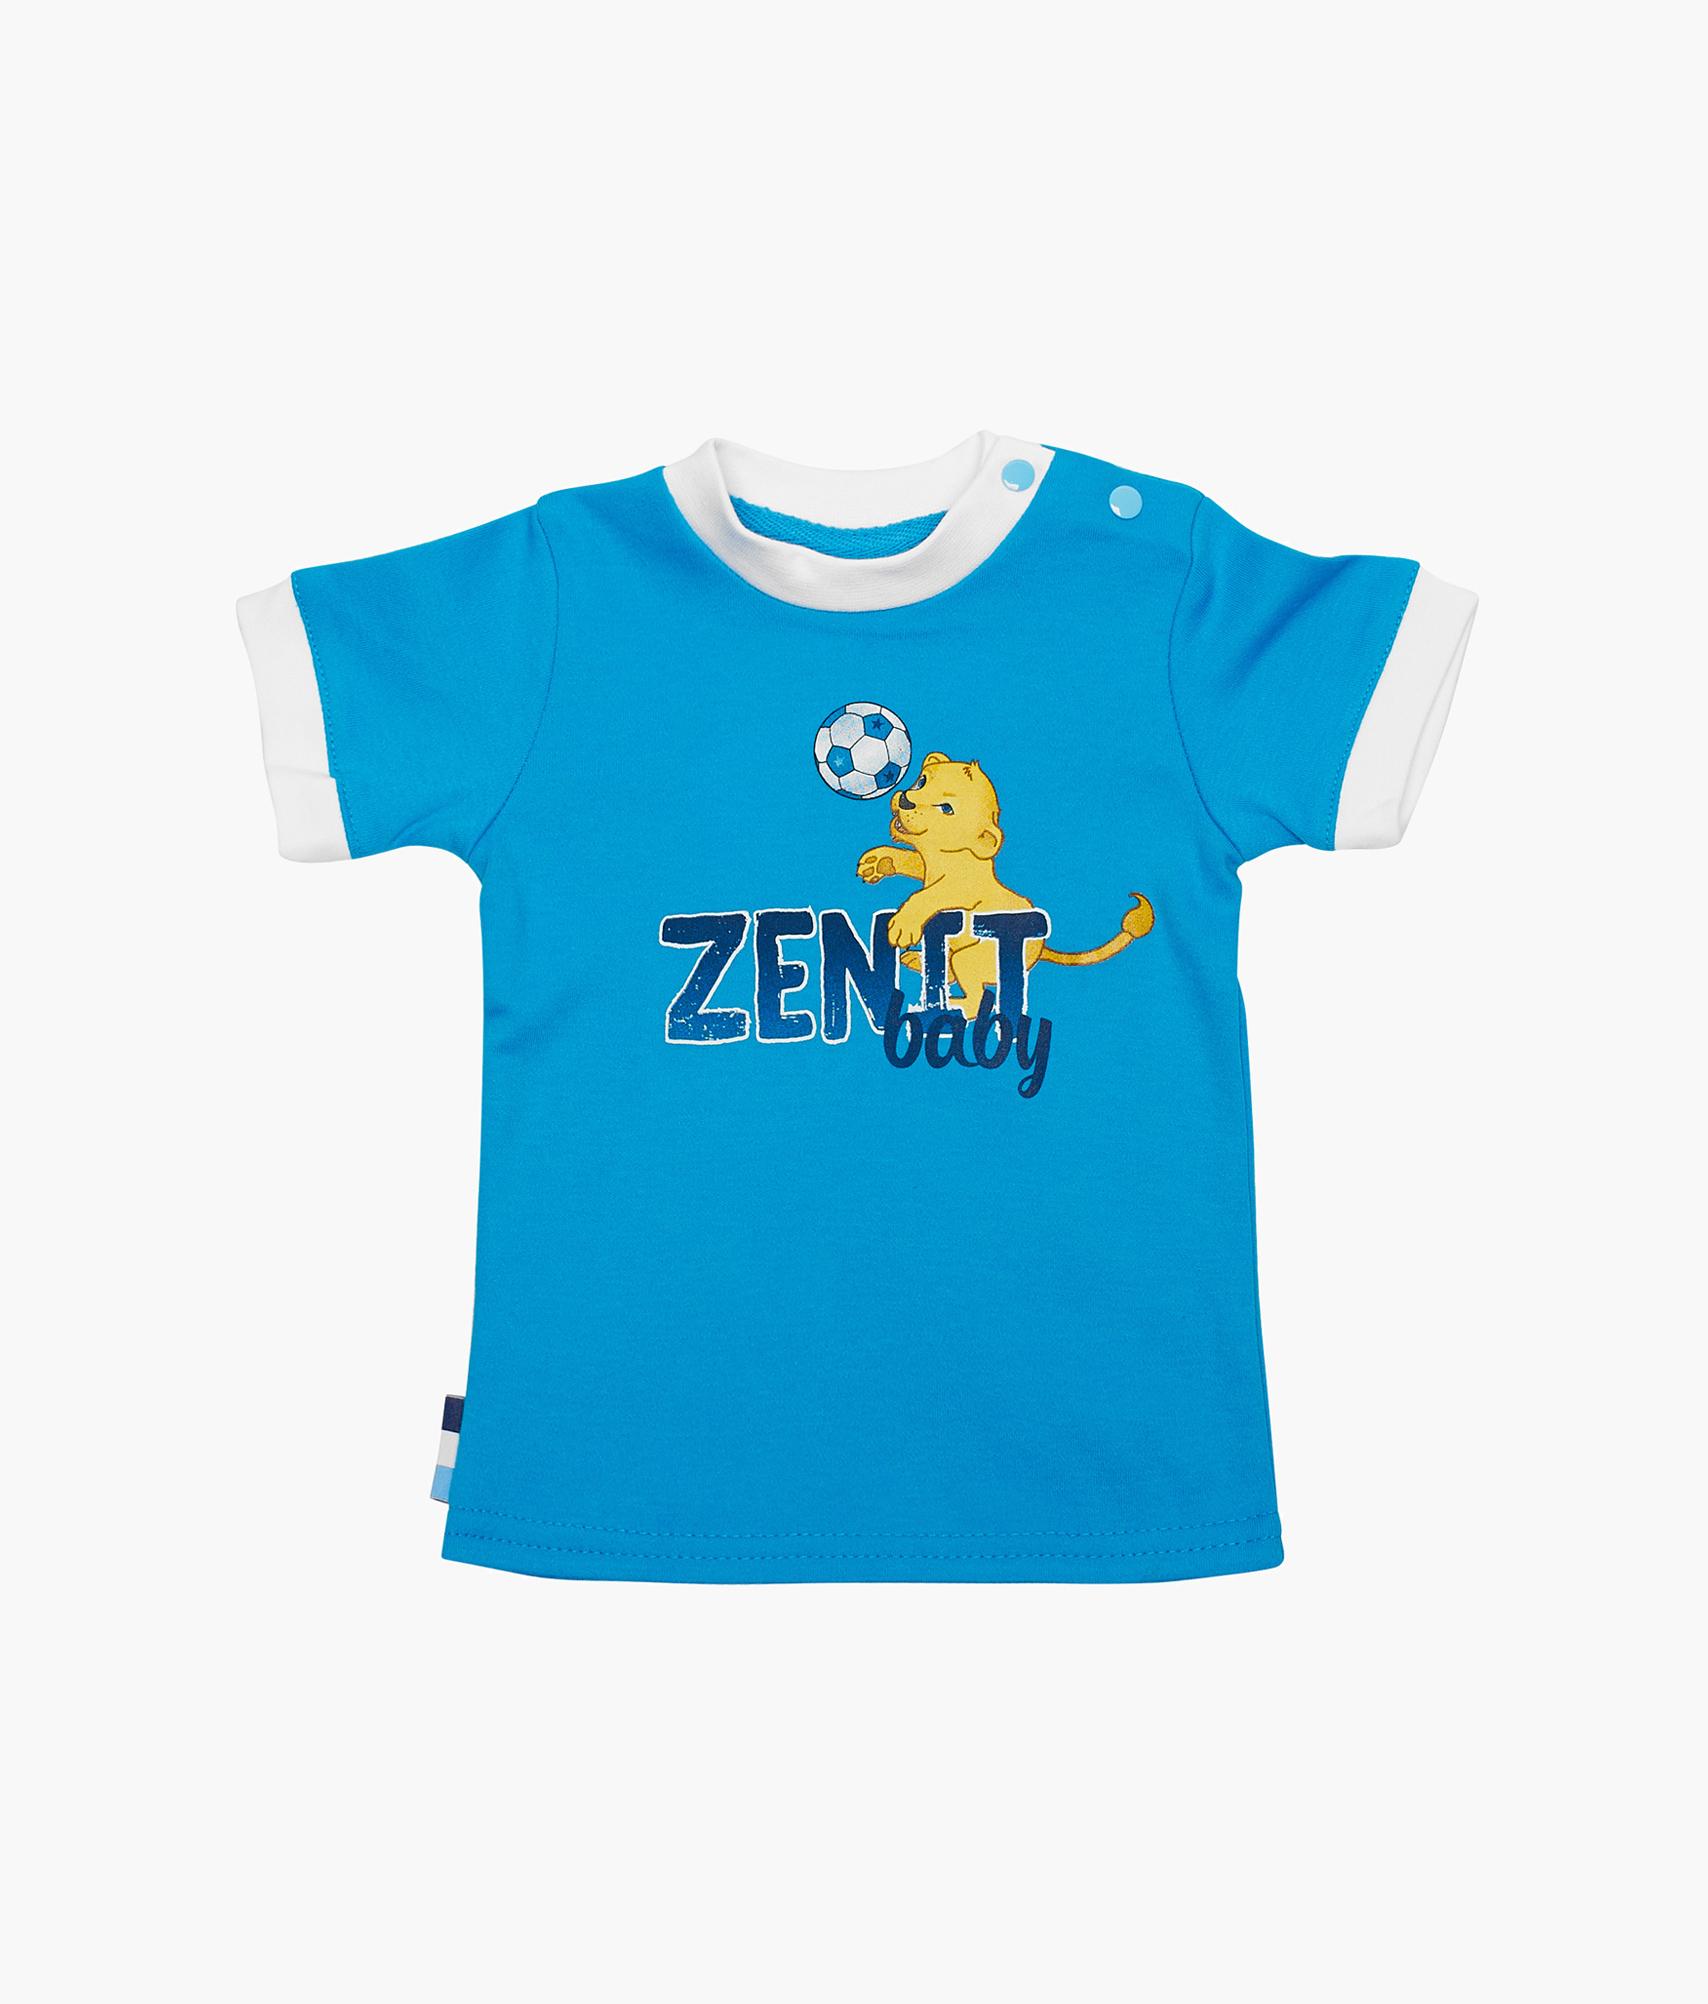 Футболка детская Зенит Зенит Цвет-Лазурный футболка зенит со своей фамилией